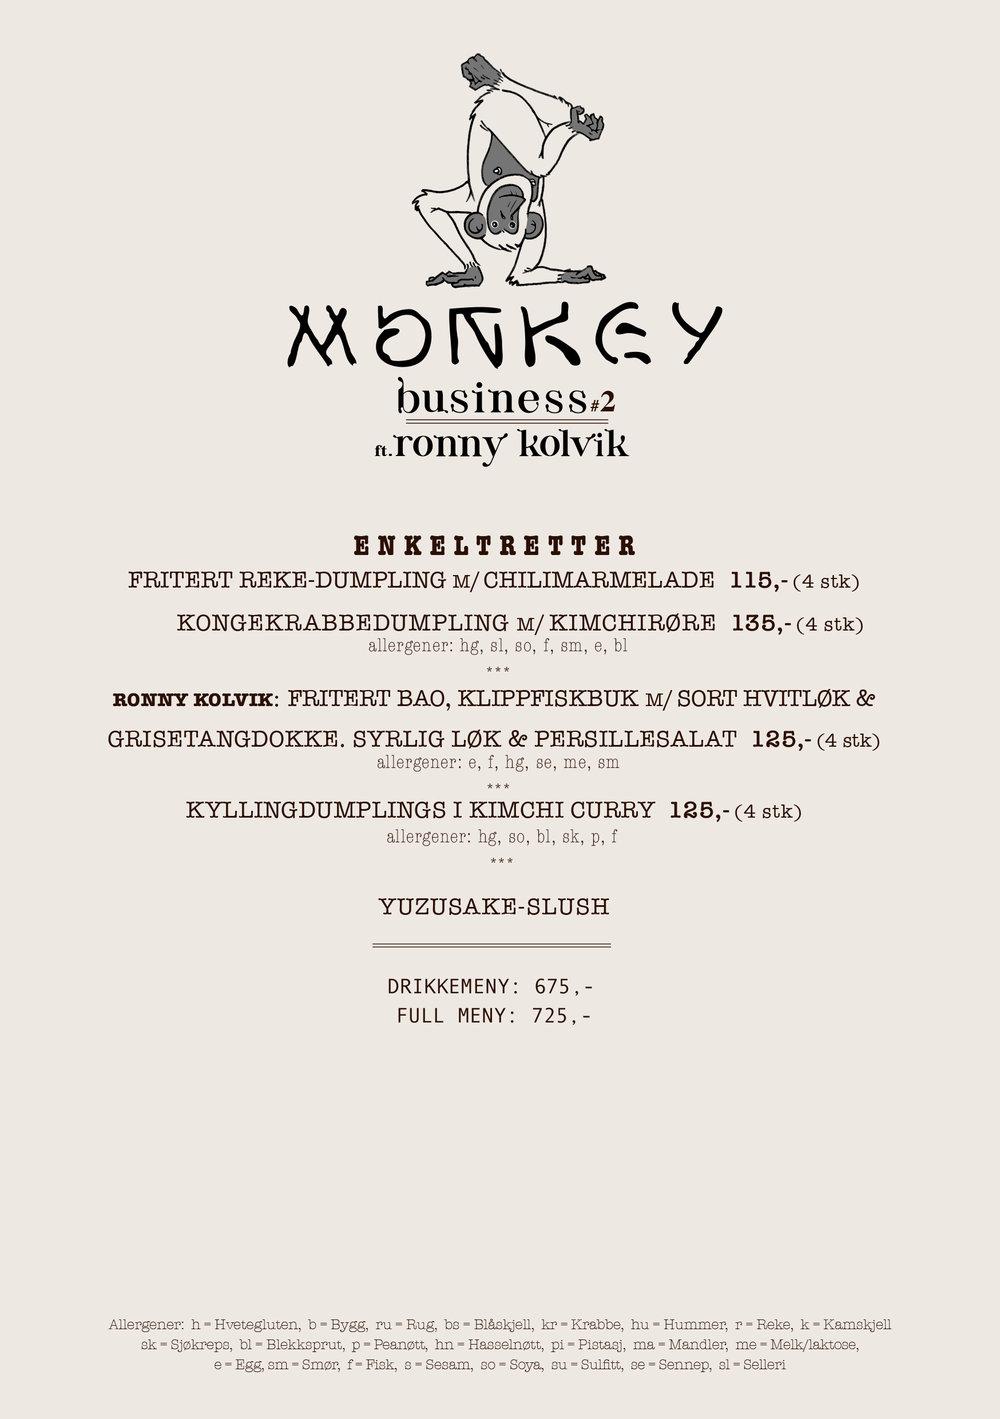 golden_chimp_monkey business_2_enkeltretter.indd